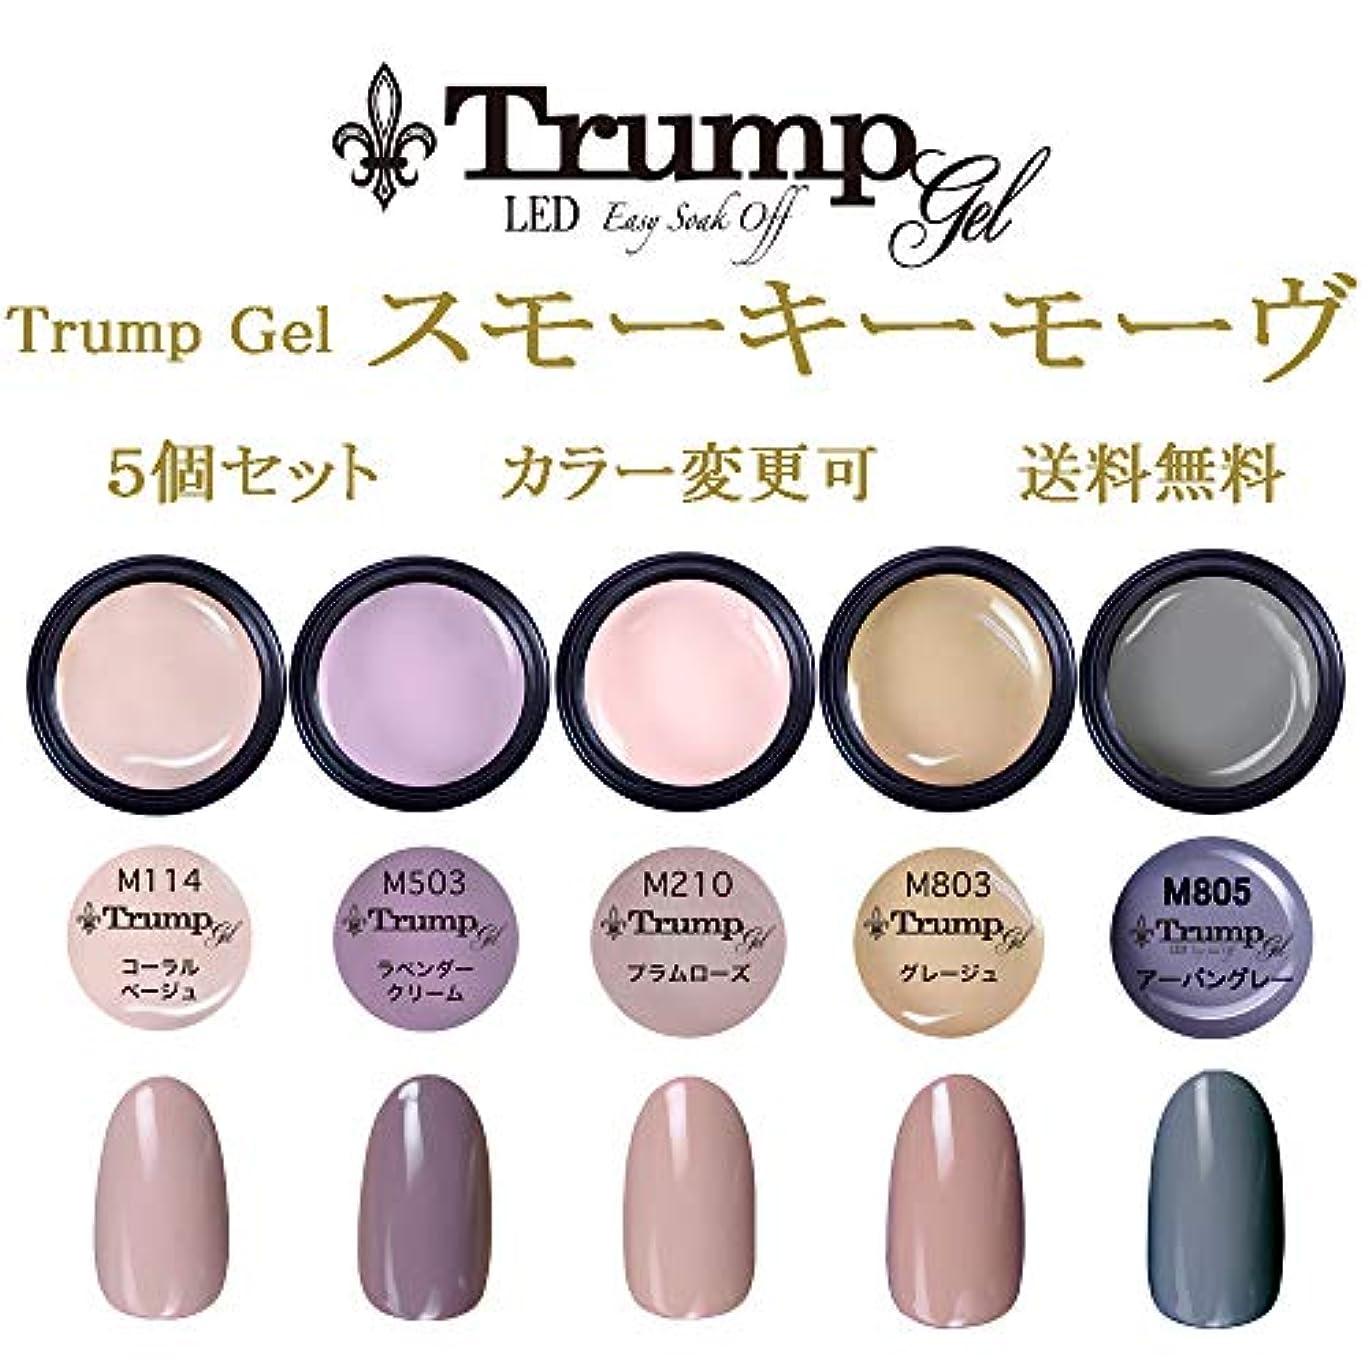 デザート中国パントリー【送料無料】Trumpスモーキーモーヴカラー選べるカラージェル5個セット